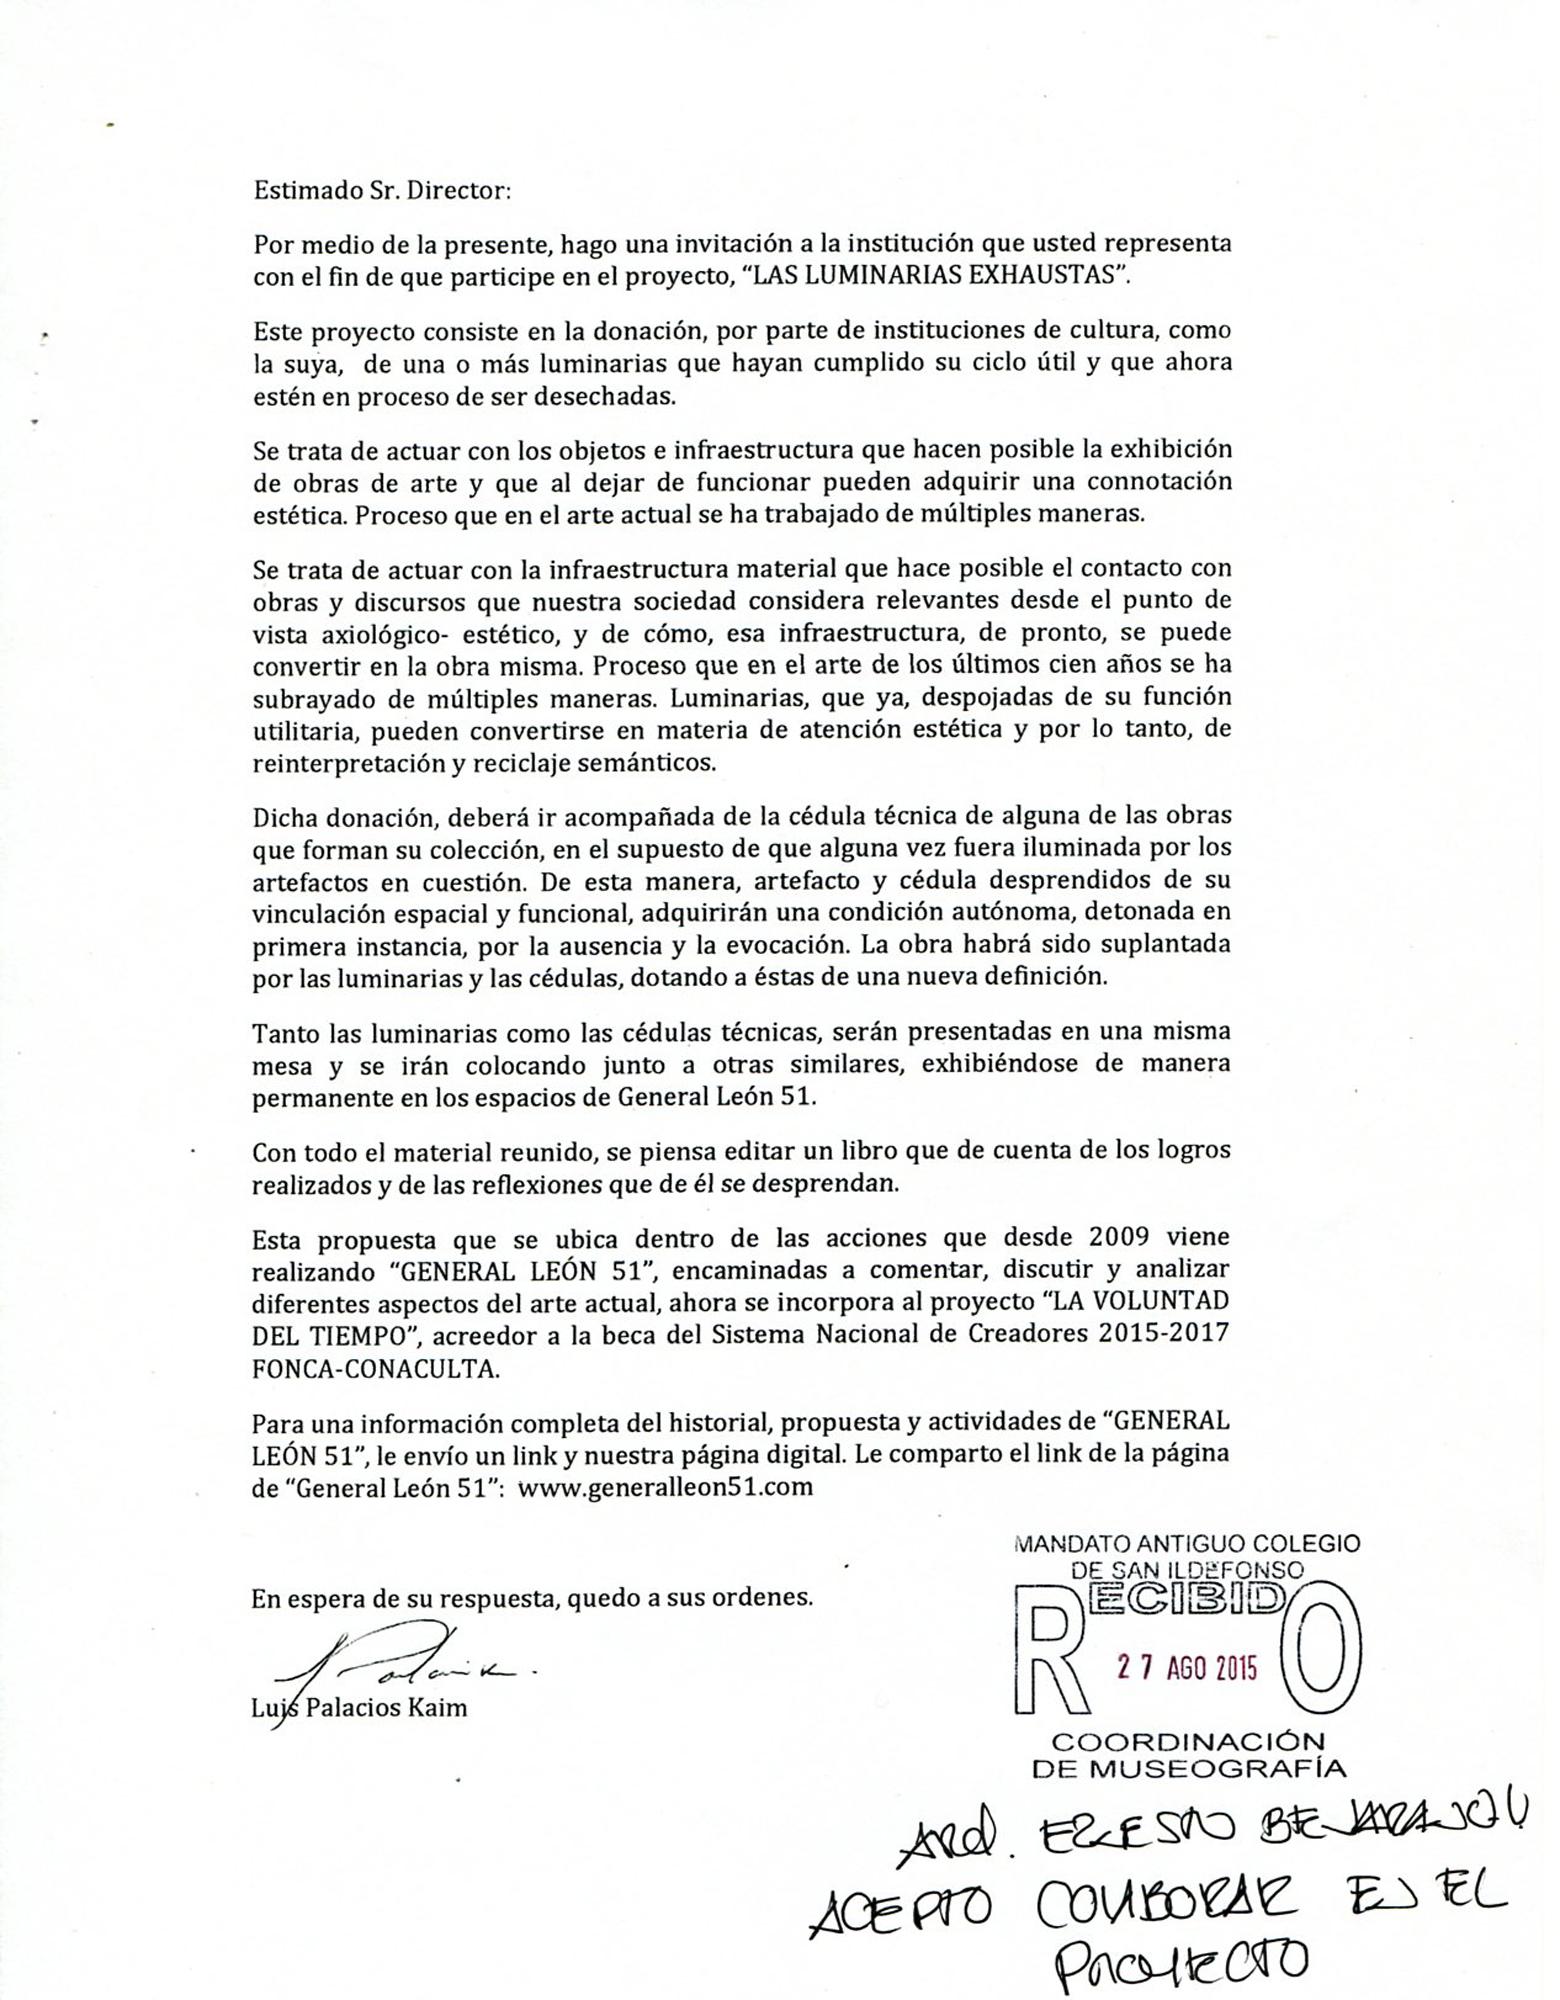 Carta_San Ildefonso_001_1.jpg